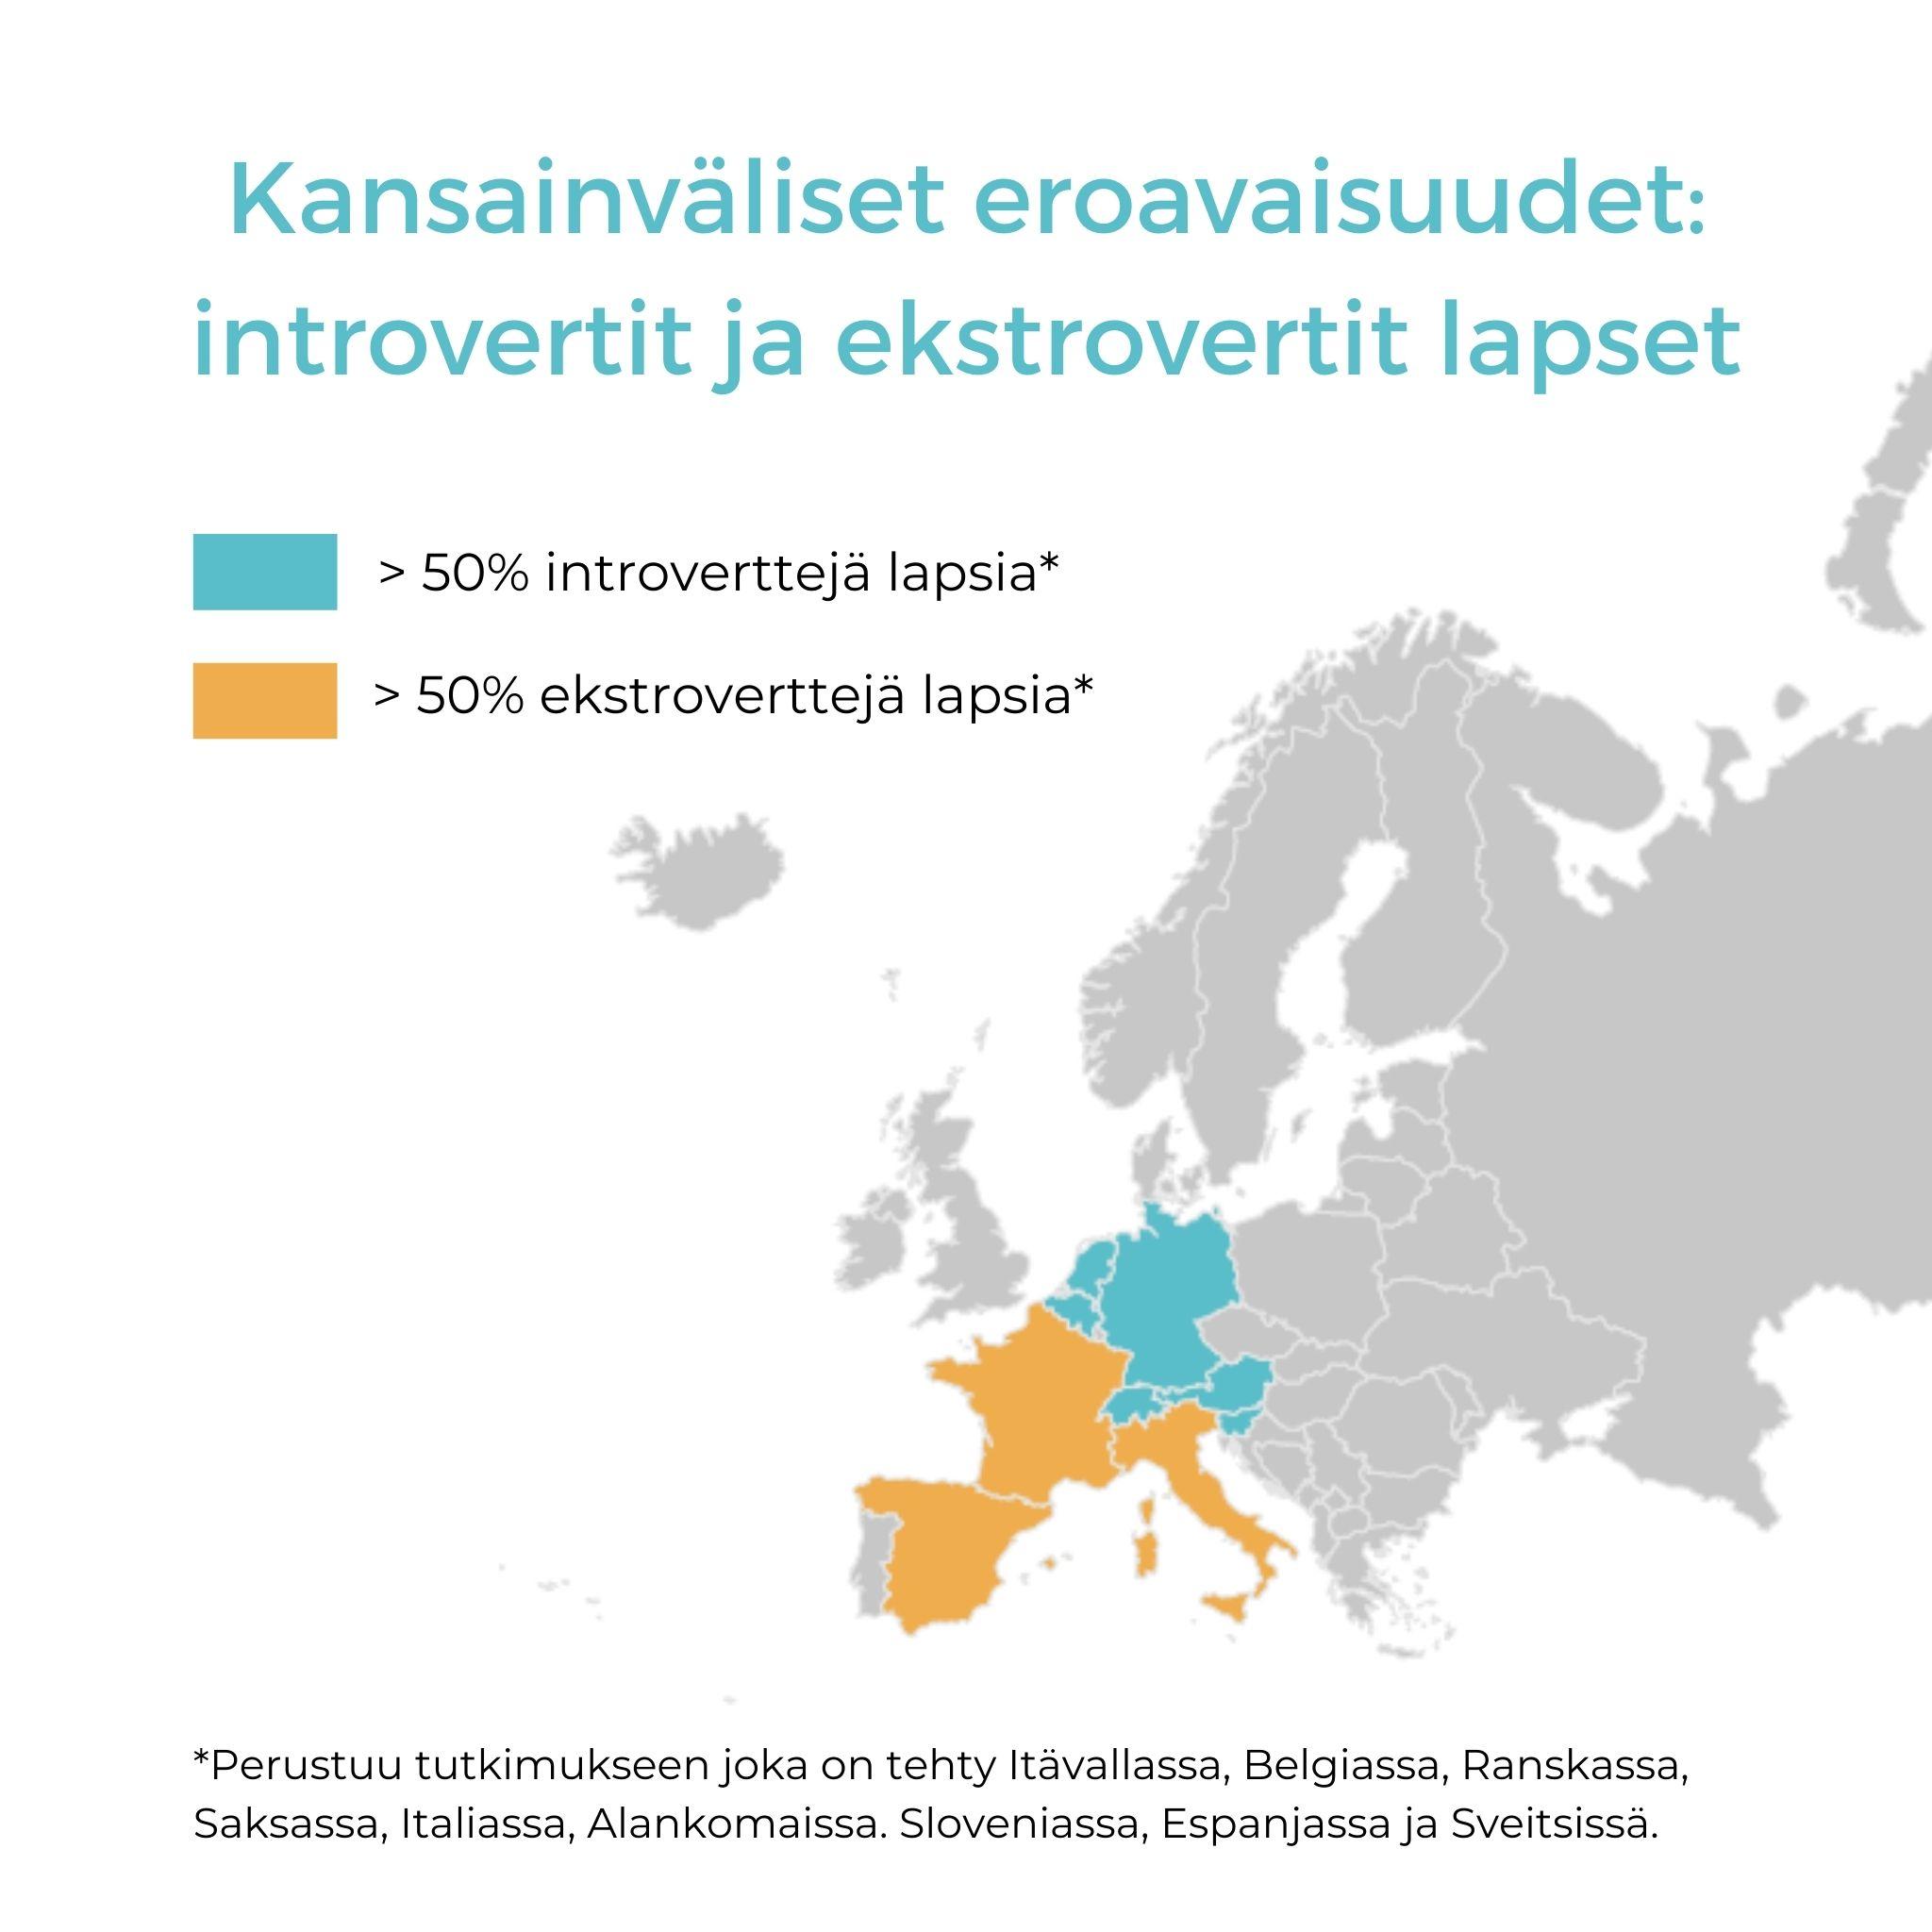 Introverttejä ja ekstroverttejä lapsia Euroopassa